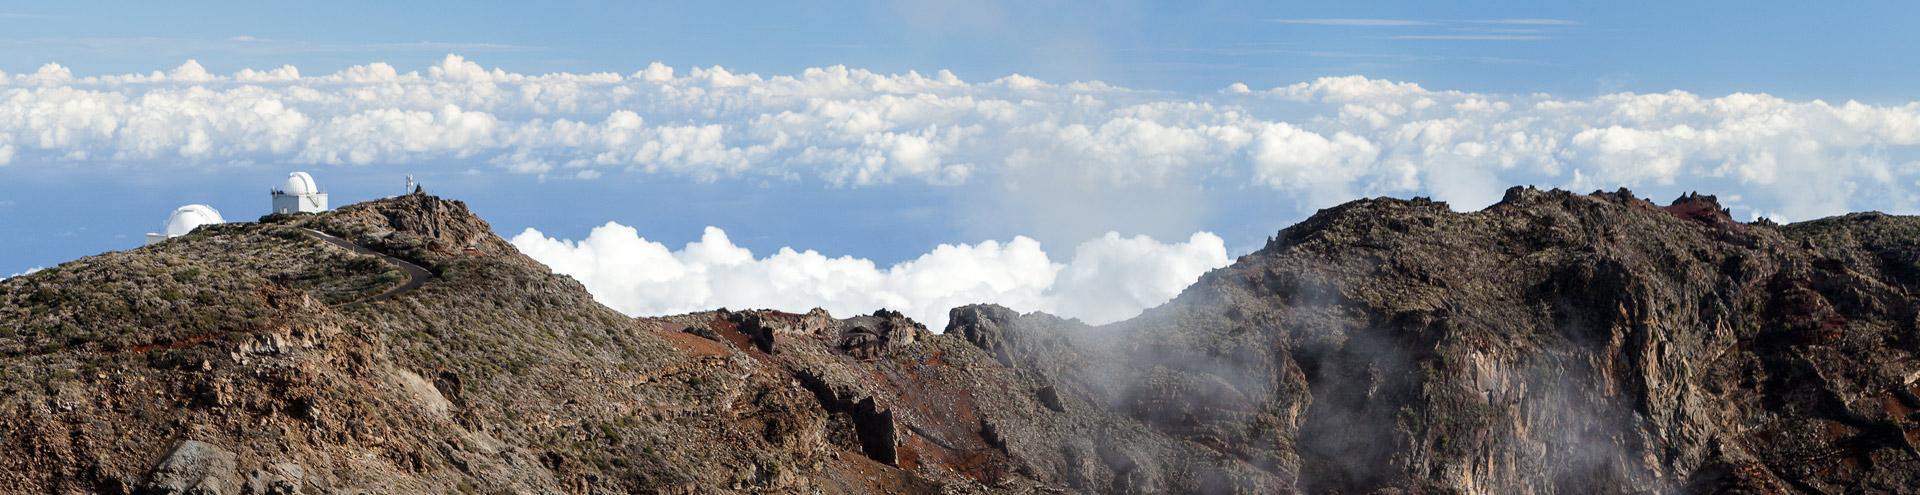 The caldera Tamburiente on La Palma island